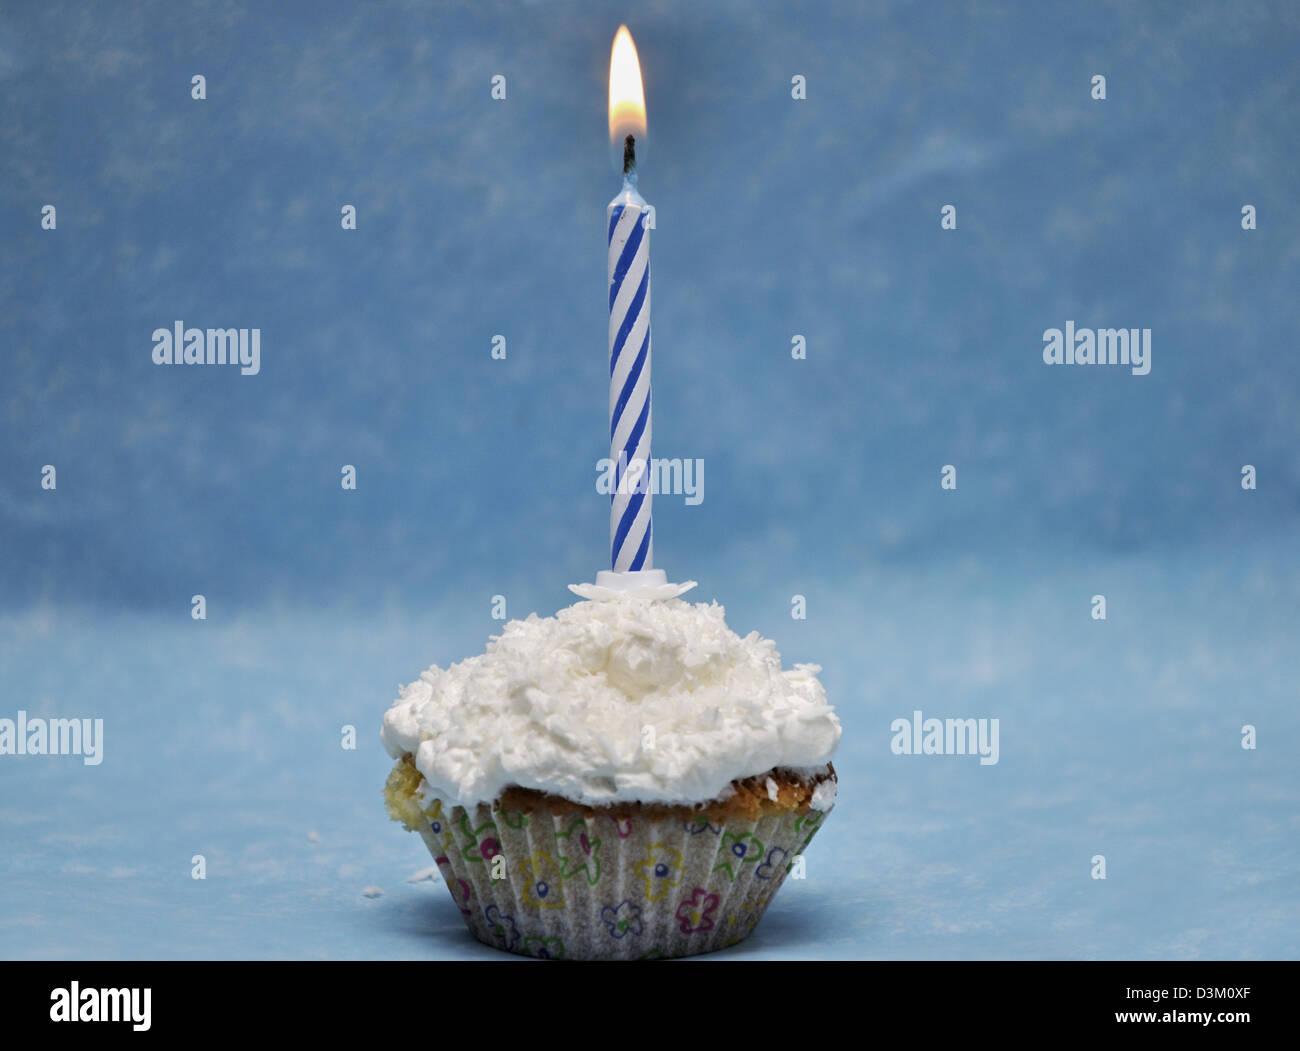 Vainilla cupcake con vela encendida en la parte superior Imagen De Stock